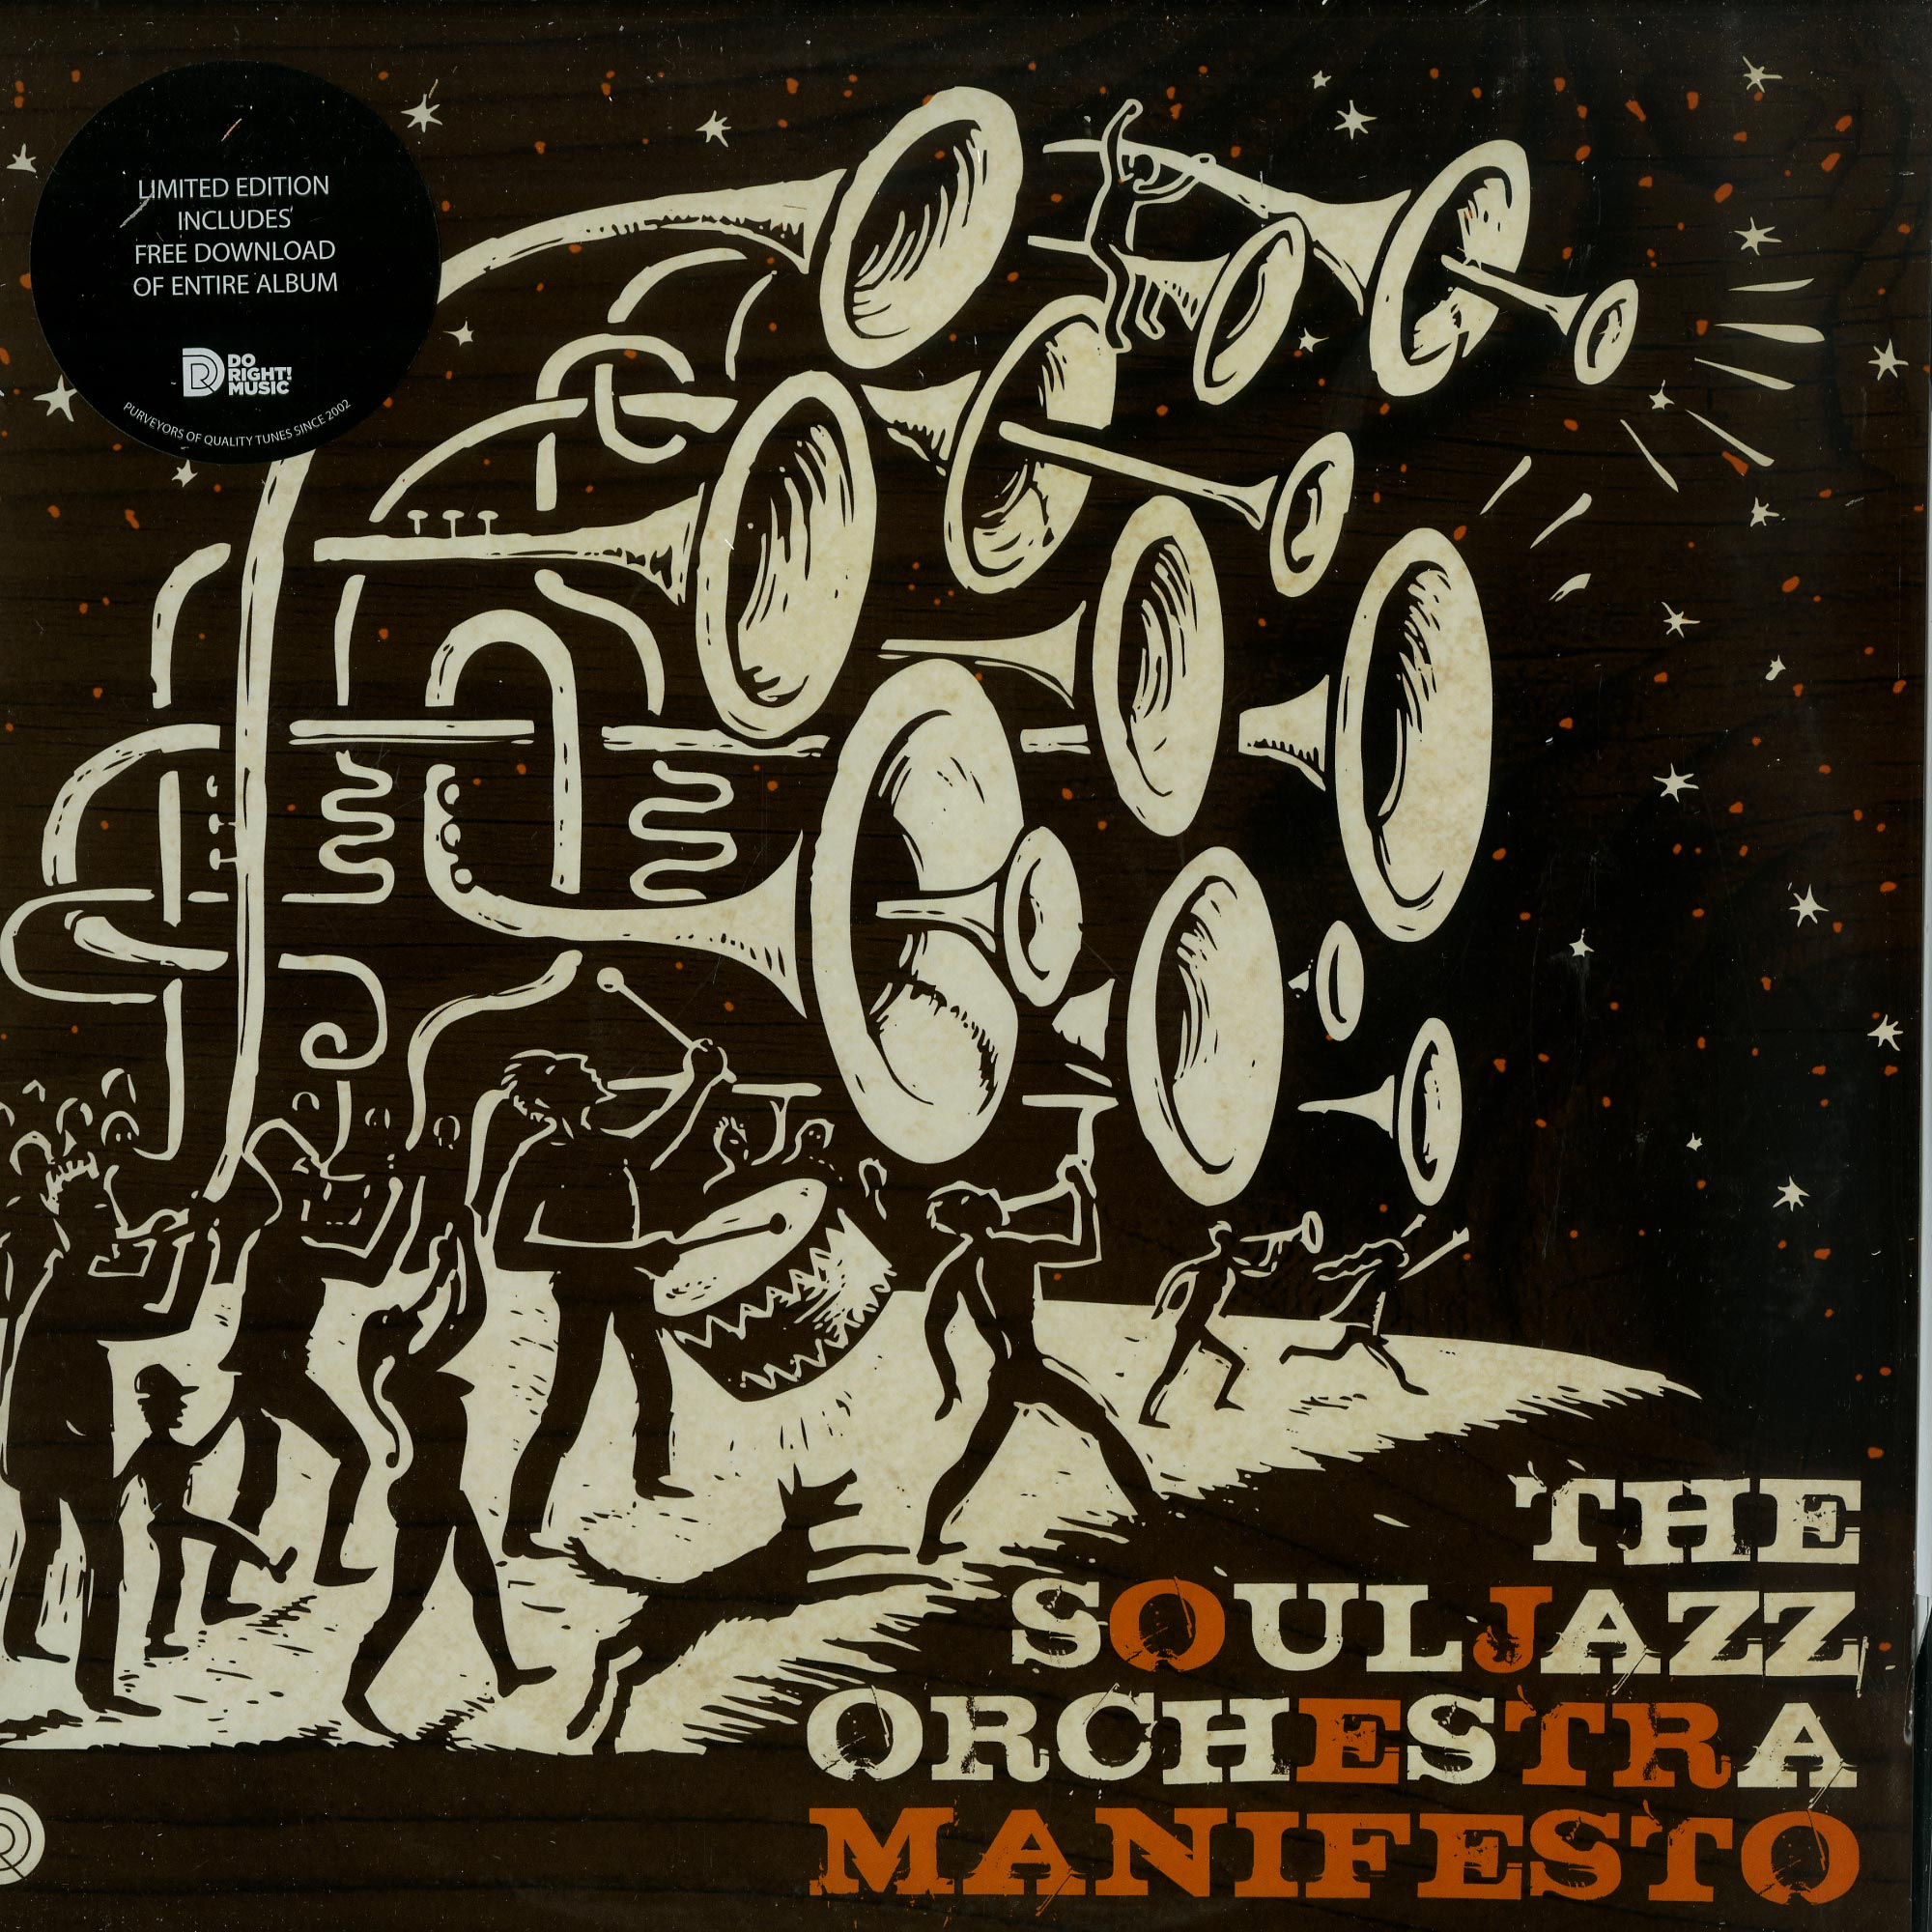 Souljazz Orchestra - MANIFESTO